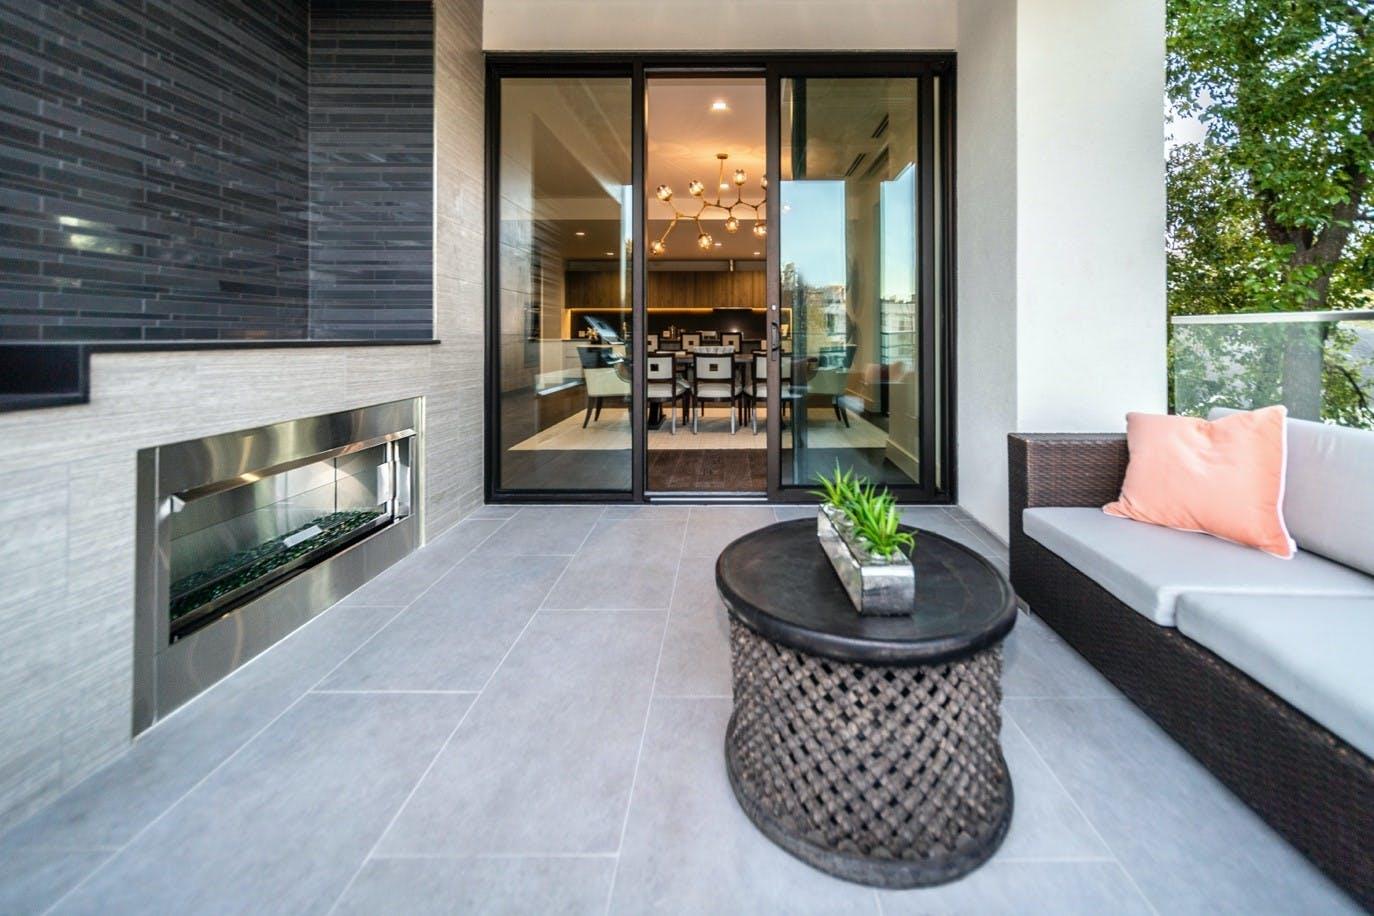 Image of terraza 1 in Les terrasses: les stars d'un été à la maison - Cosentino